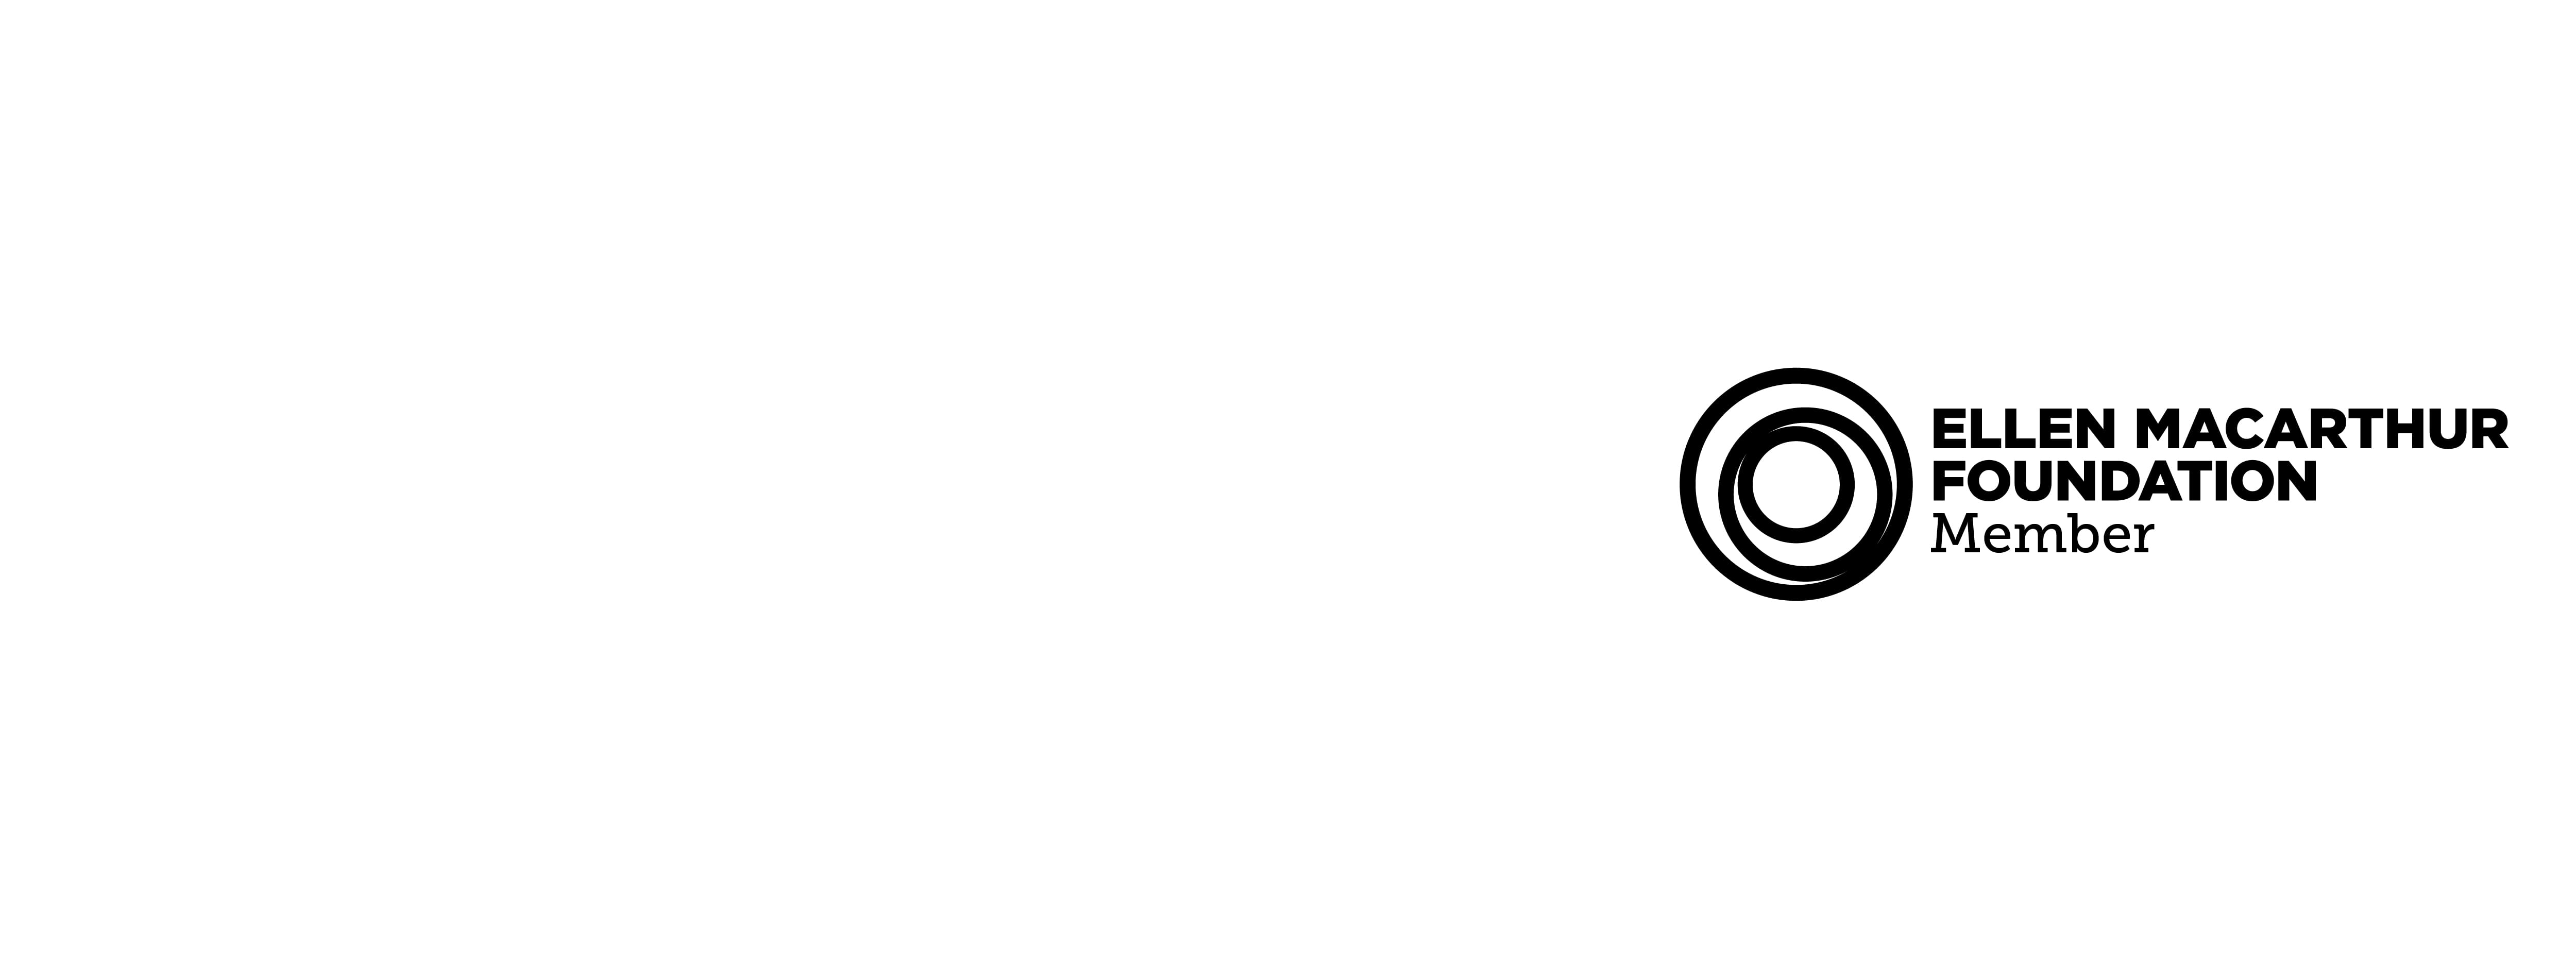 Logotipo da Ellen MacArthur Foundation